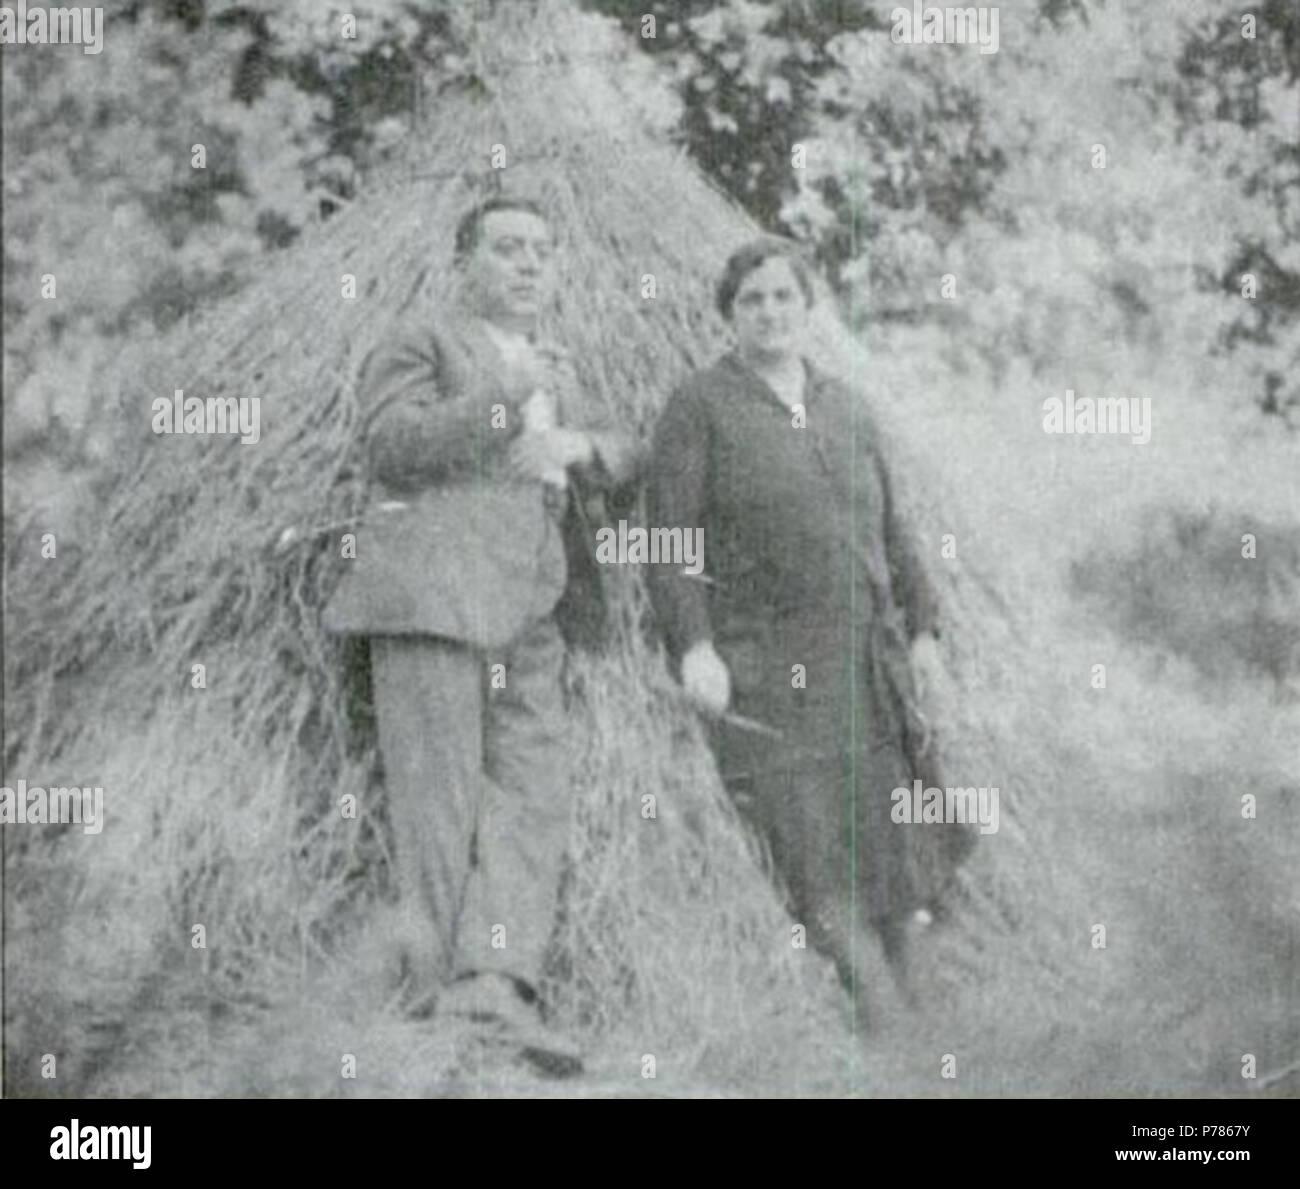 20 Darío Álvarez Limeses e María Blazquez Ballester, Baión, 1928 Stockfoto